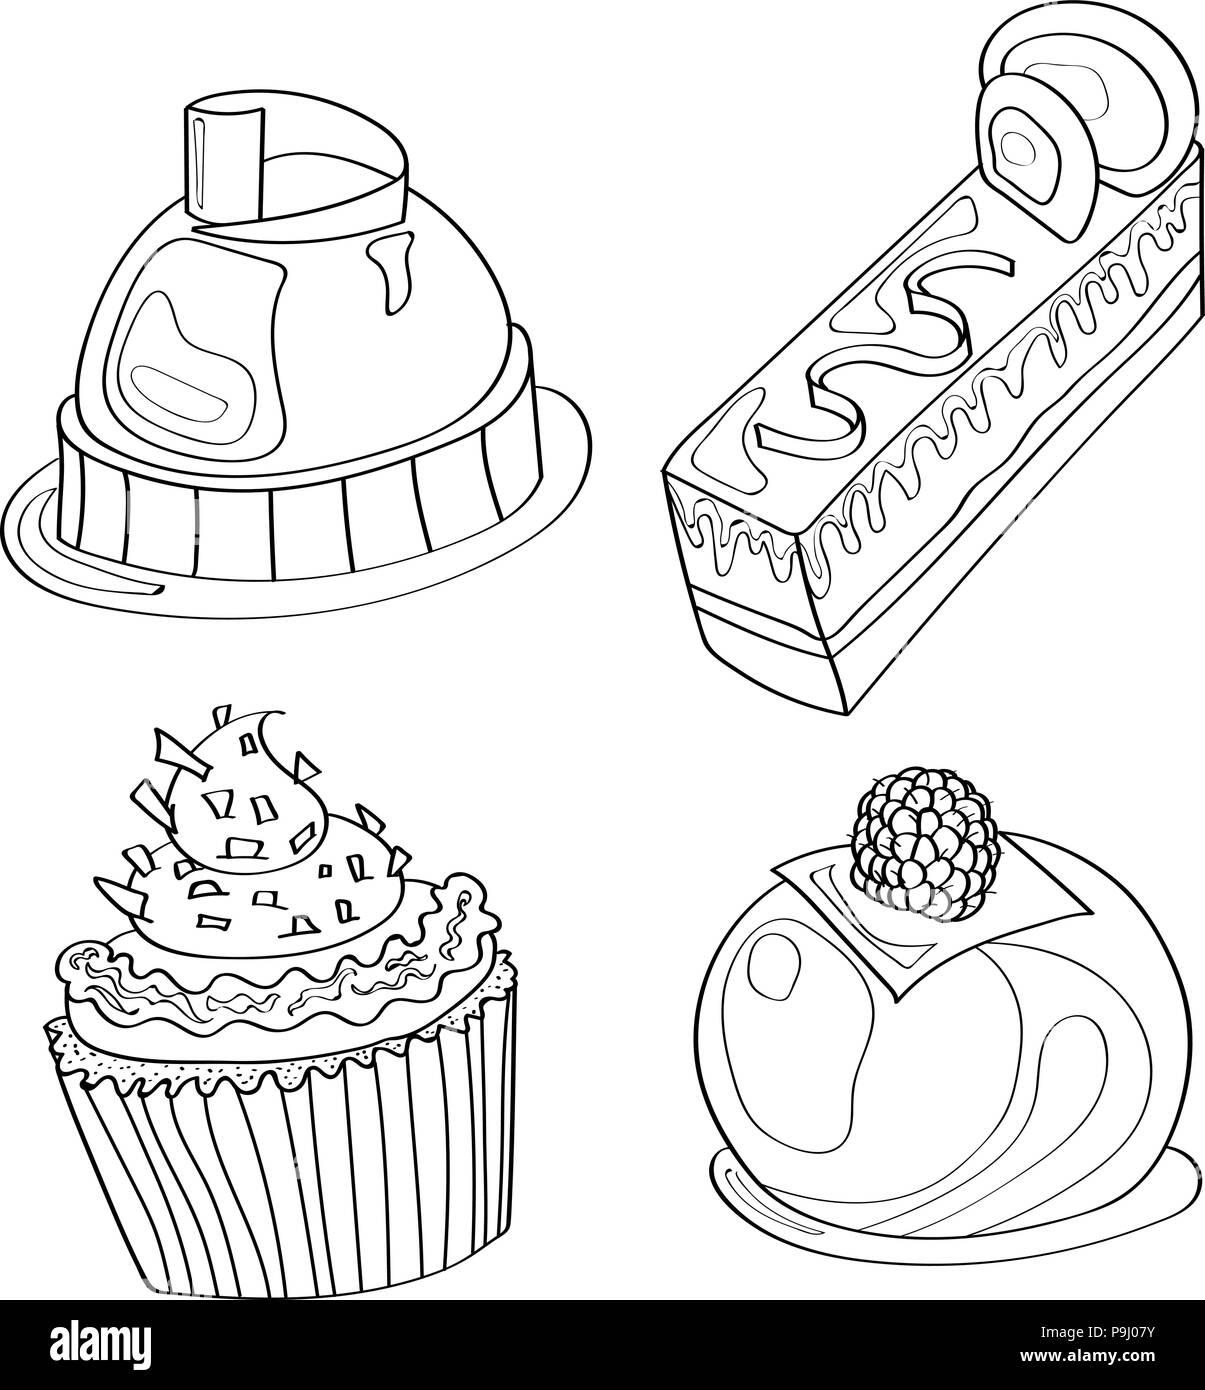 Coloriage Gateau Cake.Livre De Coloriage Coloriage Gateau Sucre Boulangerie Motif